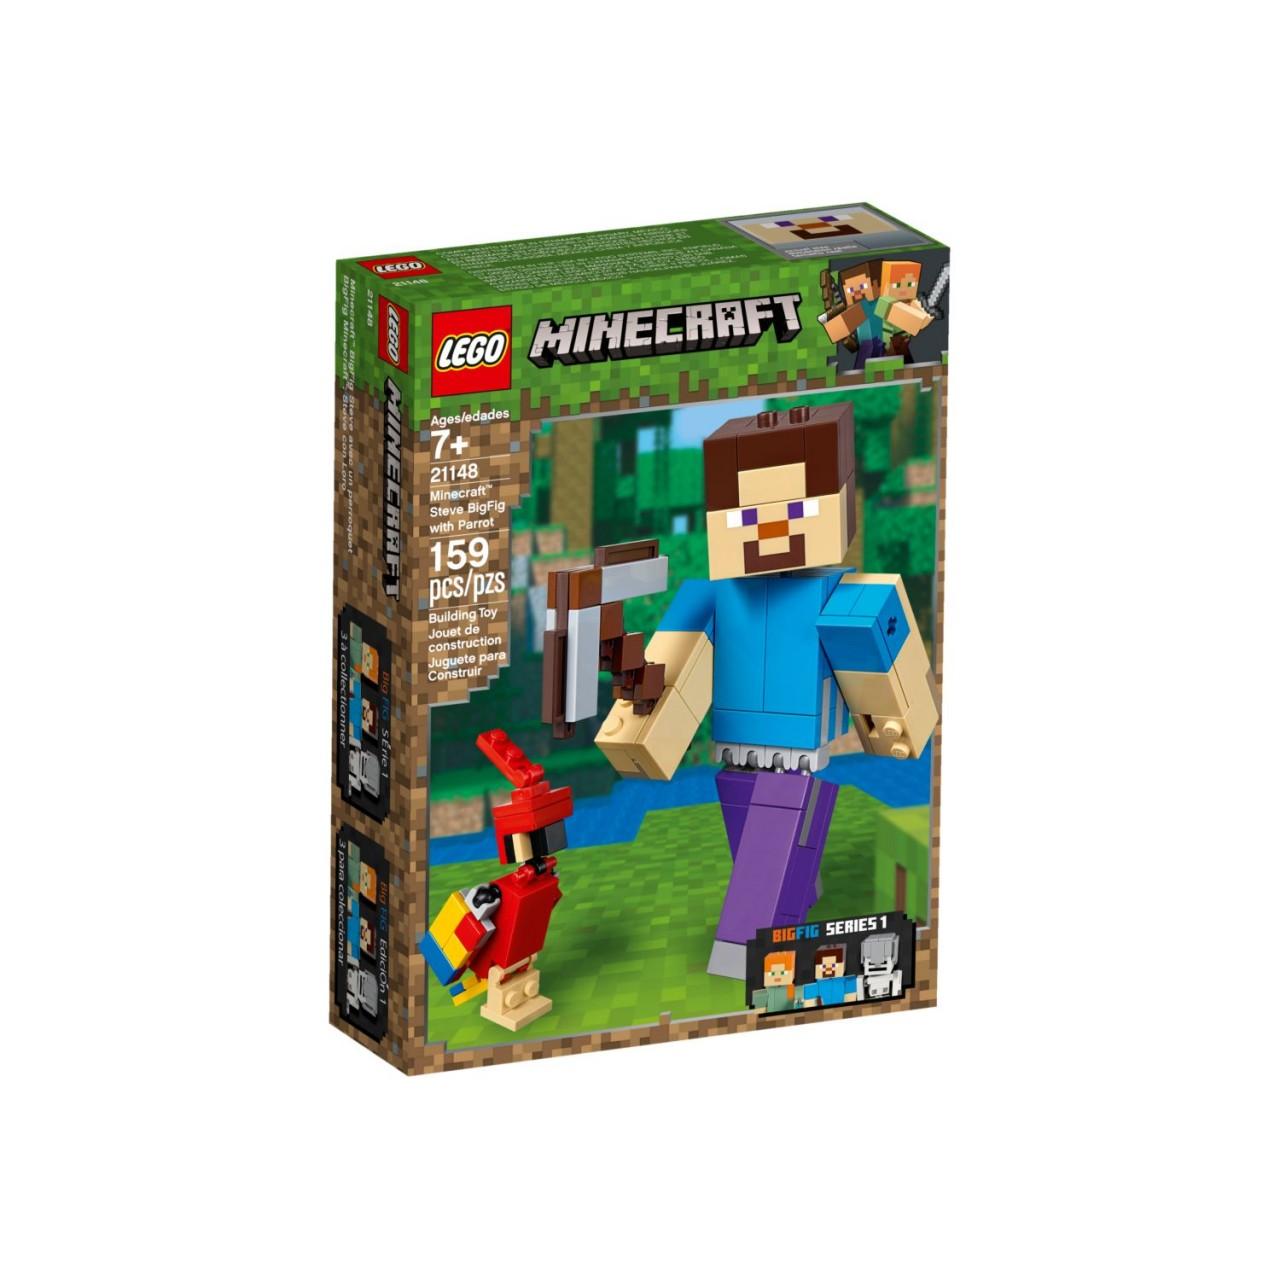 LEGO MINECRAFT 21148 Minecraft-BigFig Steve mit Papagei